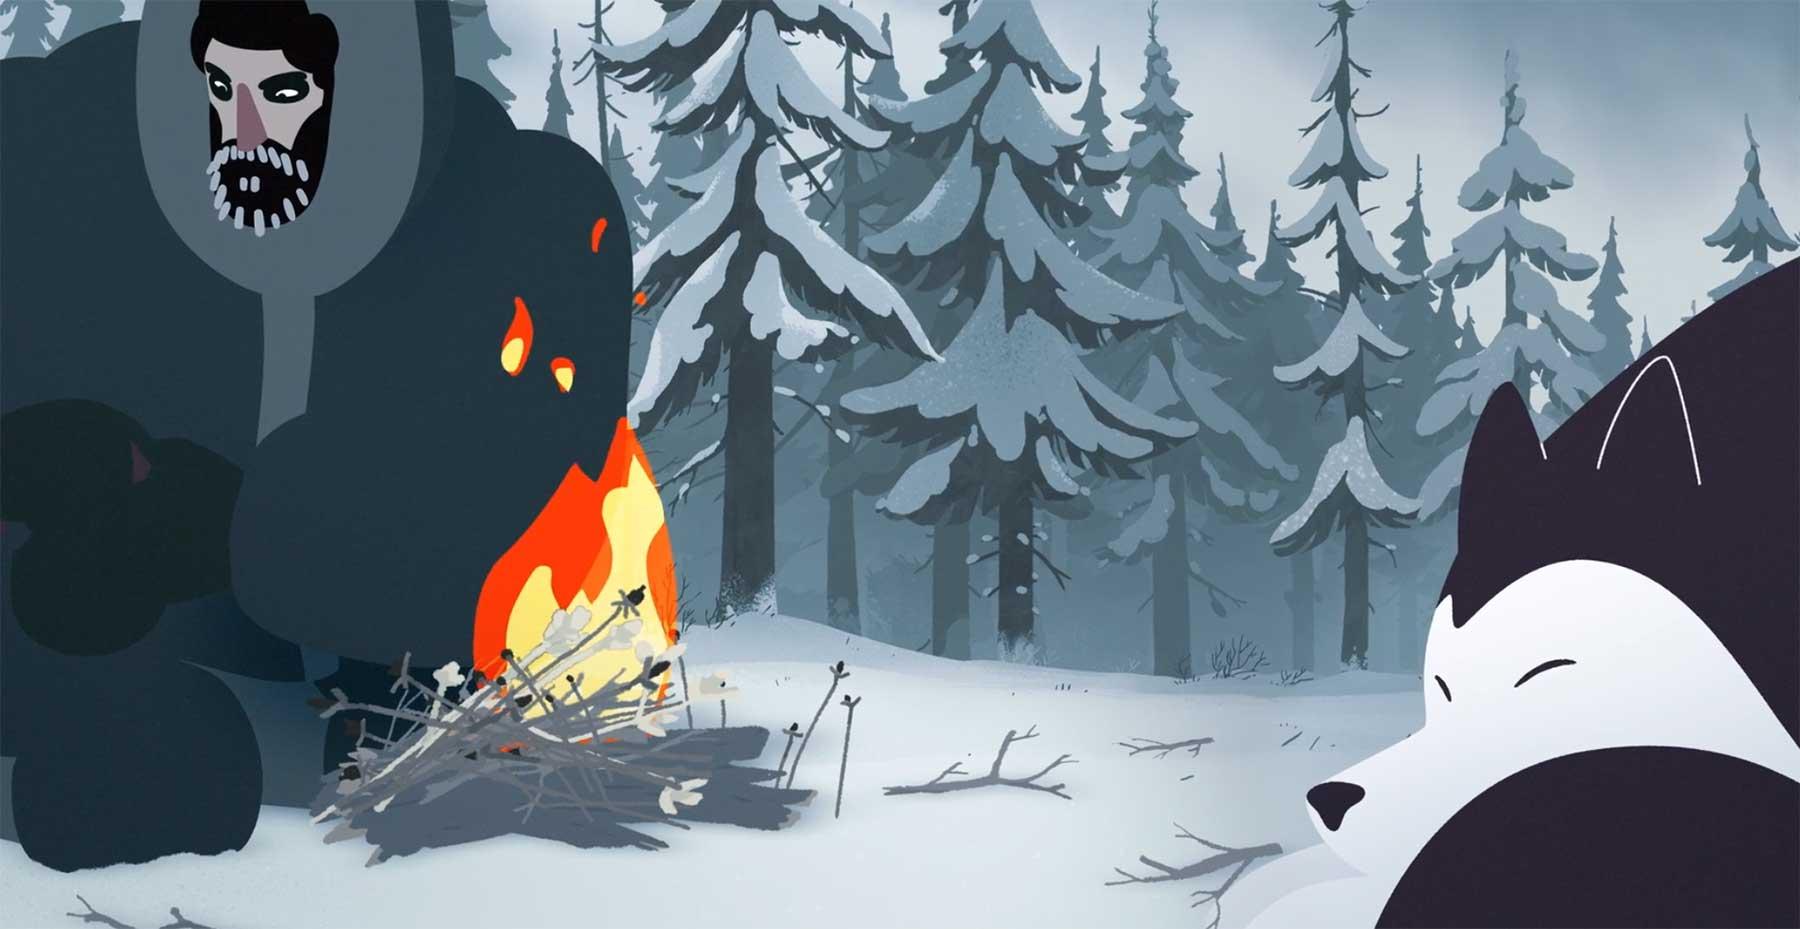 Nur ein Lagerfeuer gegen die erbarmungslose Kälte